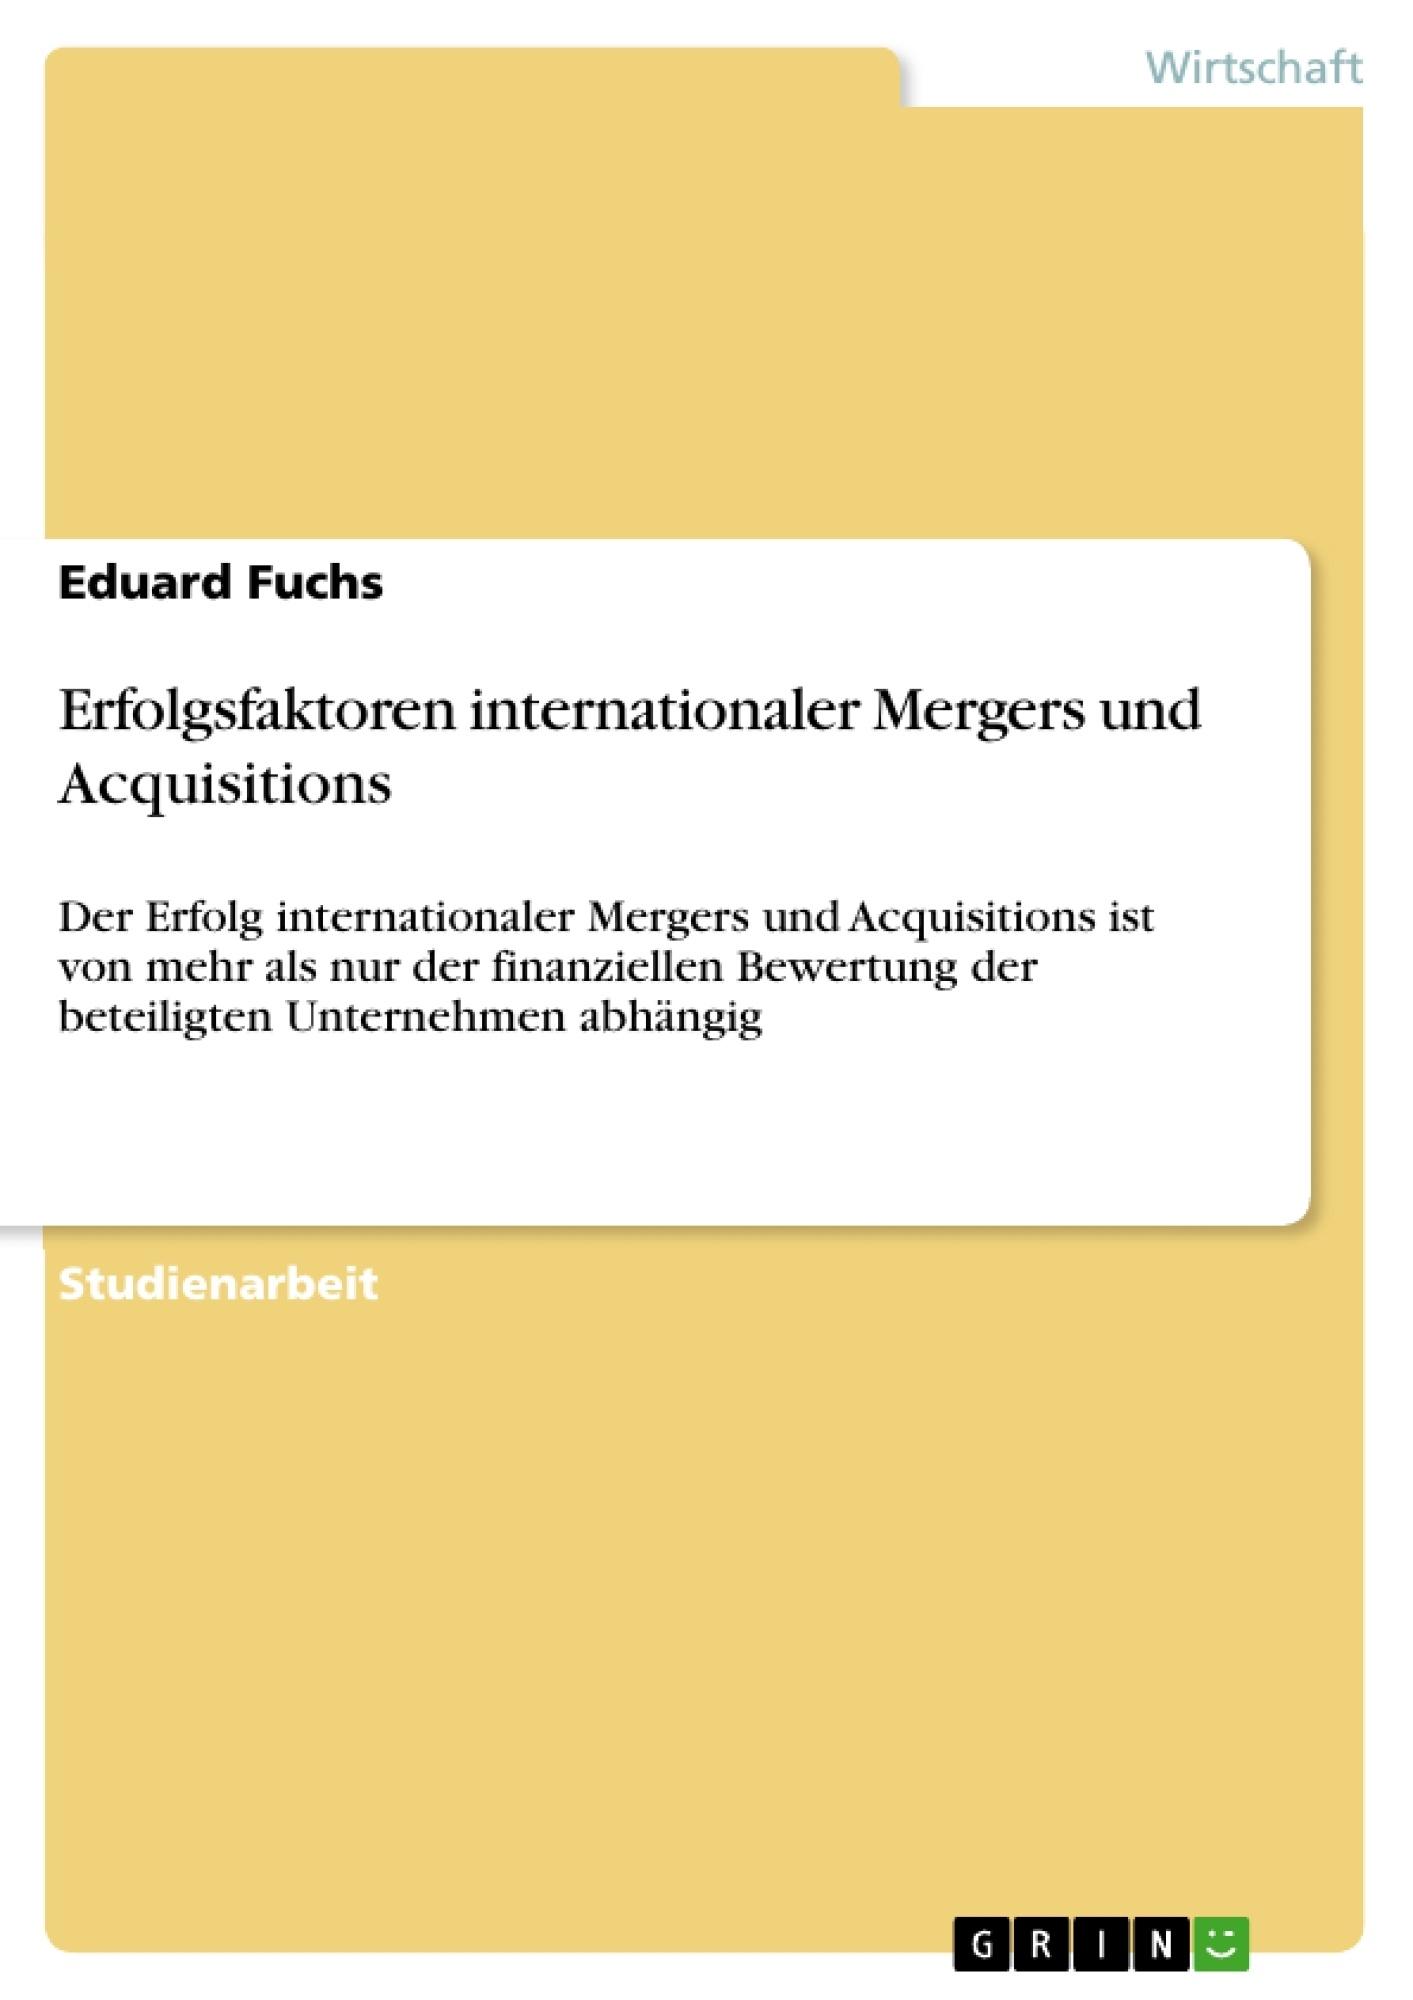 Titel: Erfolgsfaktoren internationaler Mergers und Acquisitions